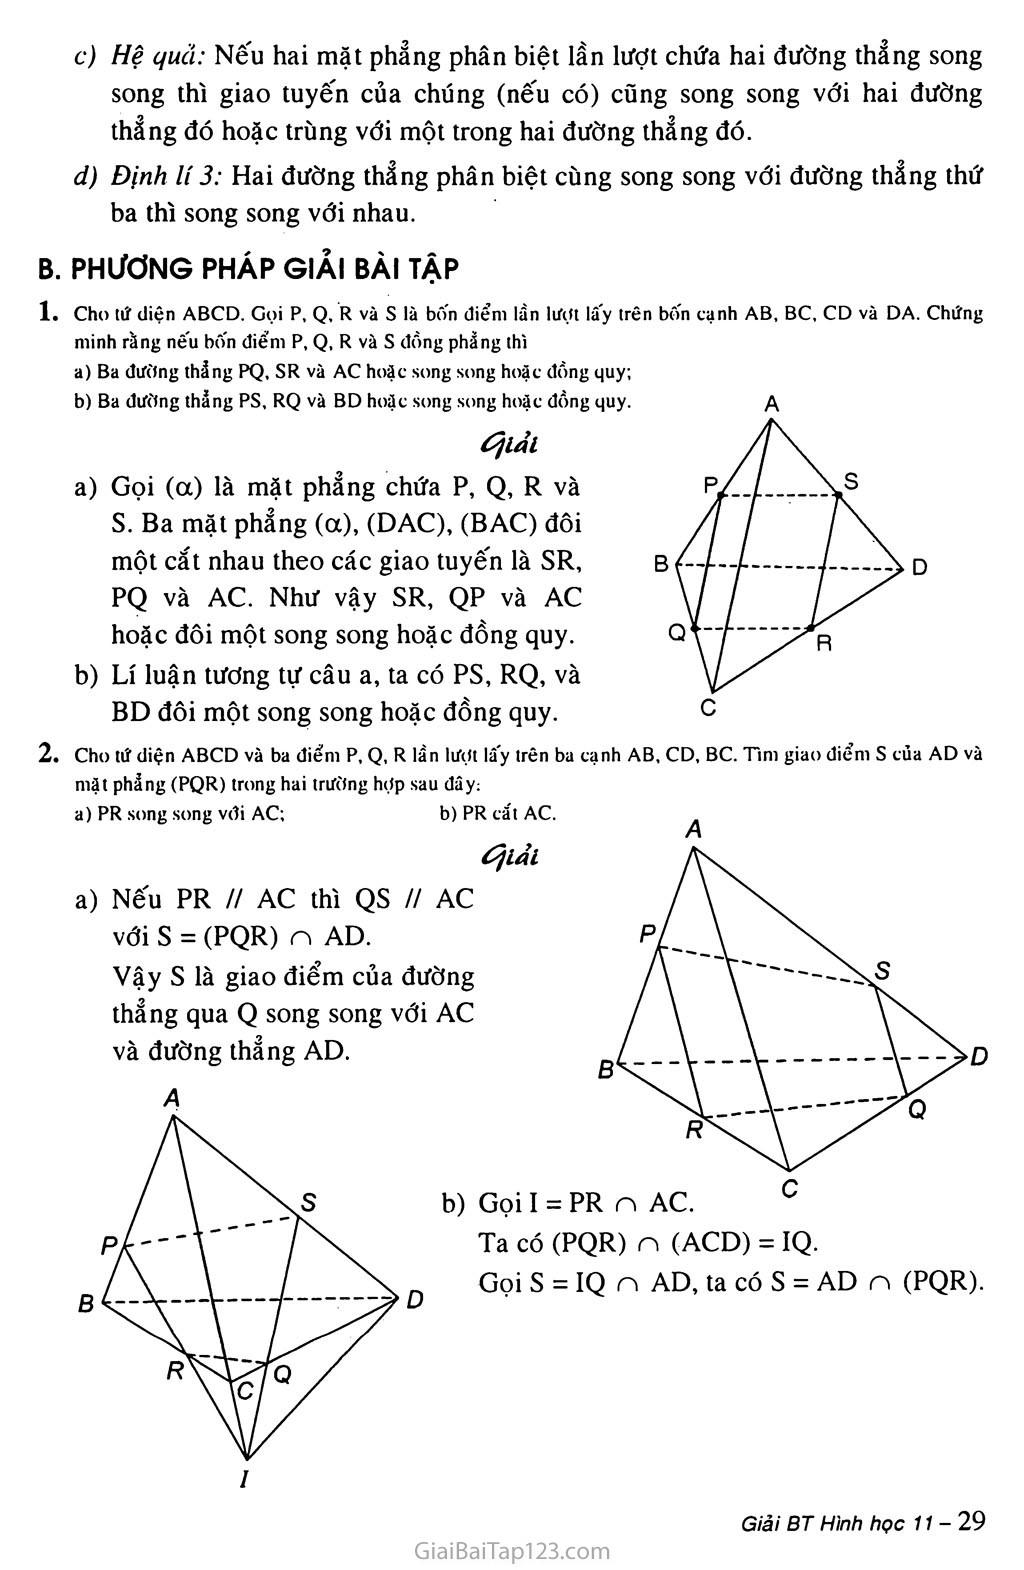 Bài 2. Hai đường thẳng chéo nhau và hai đường thẳng song song trang 2